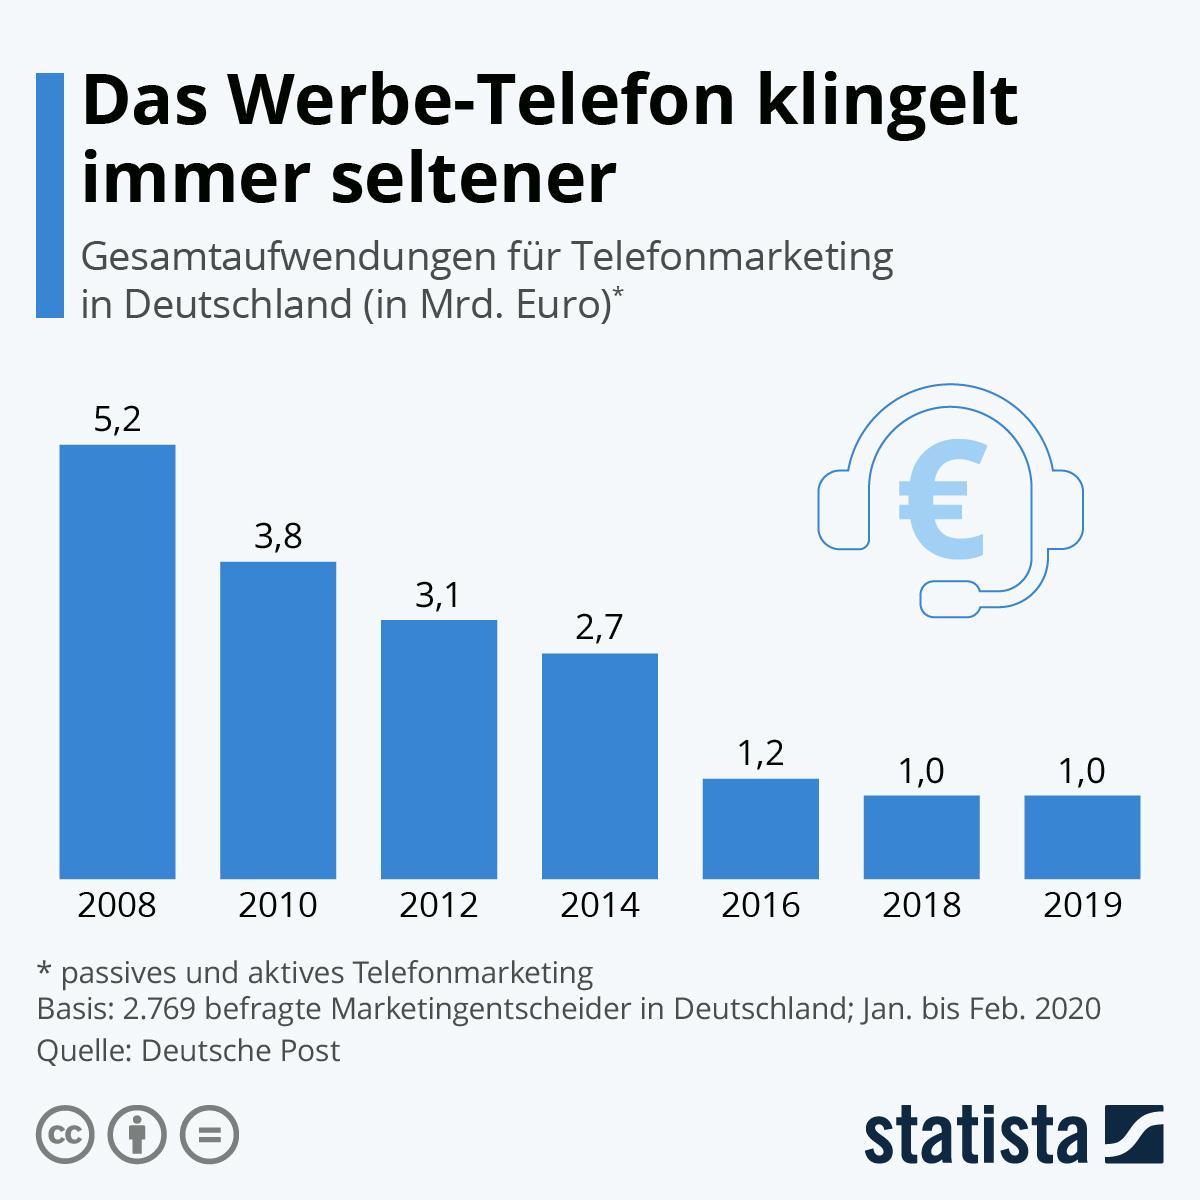 Infografik: Das Werbe-Telefon klingelt immer seltener | Statista